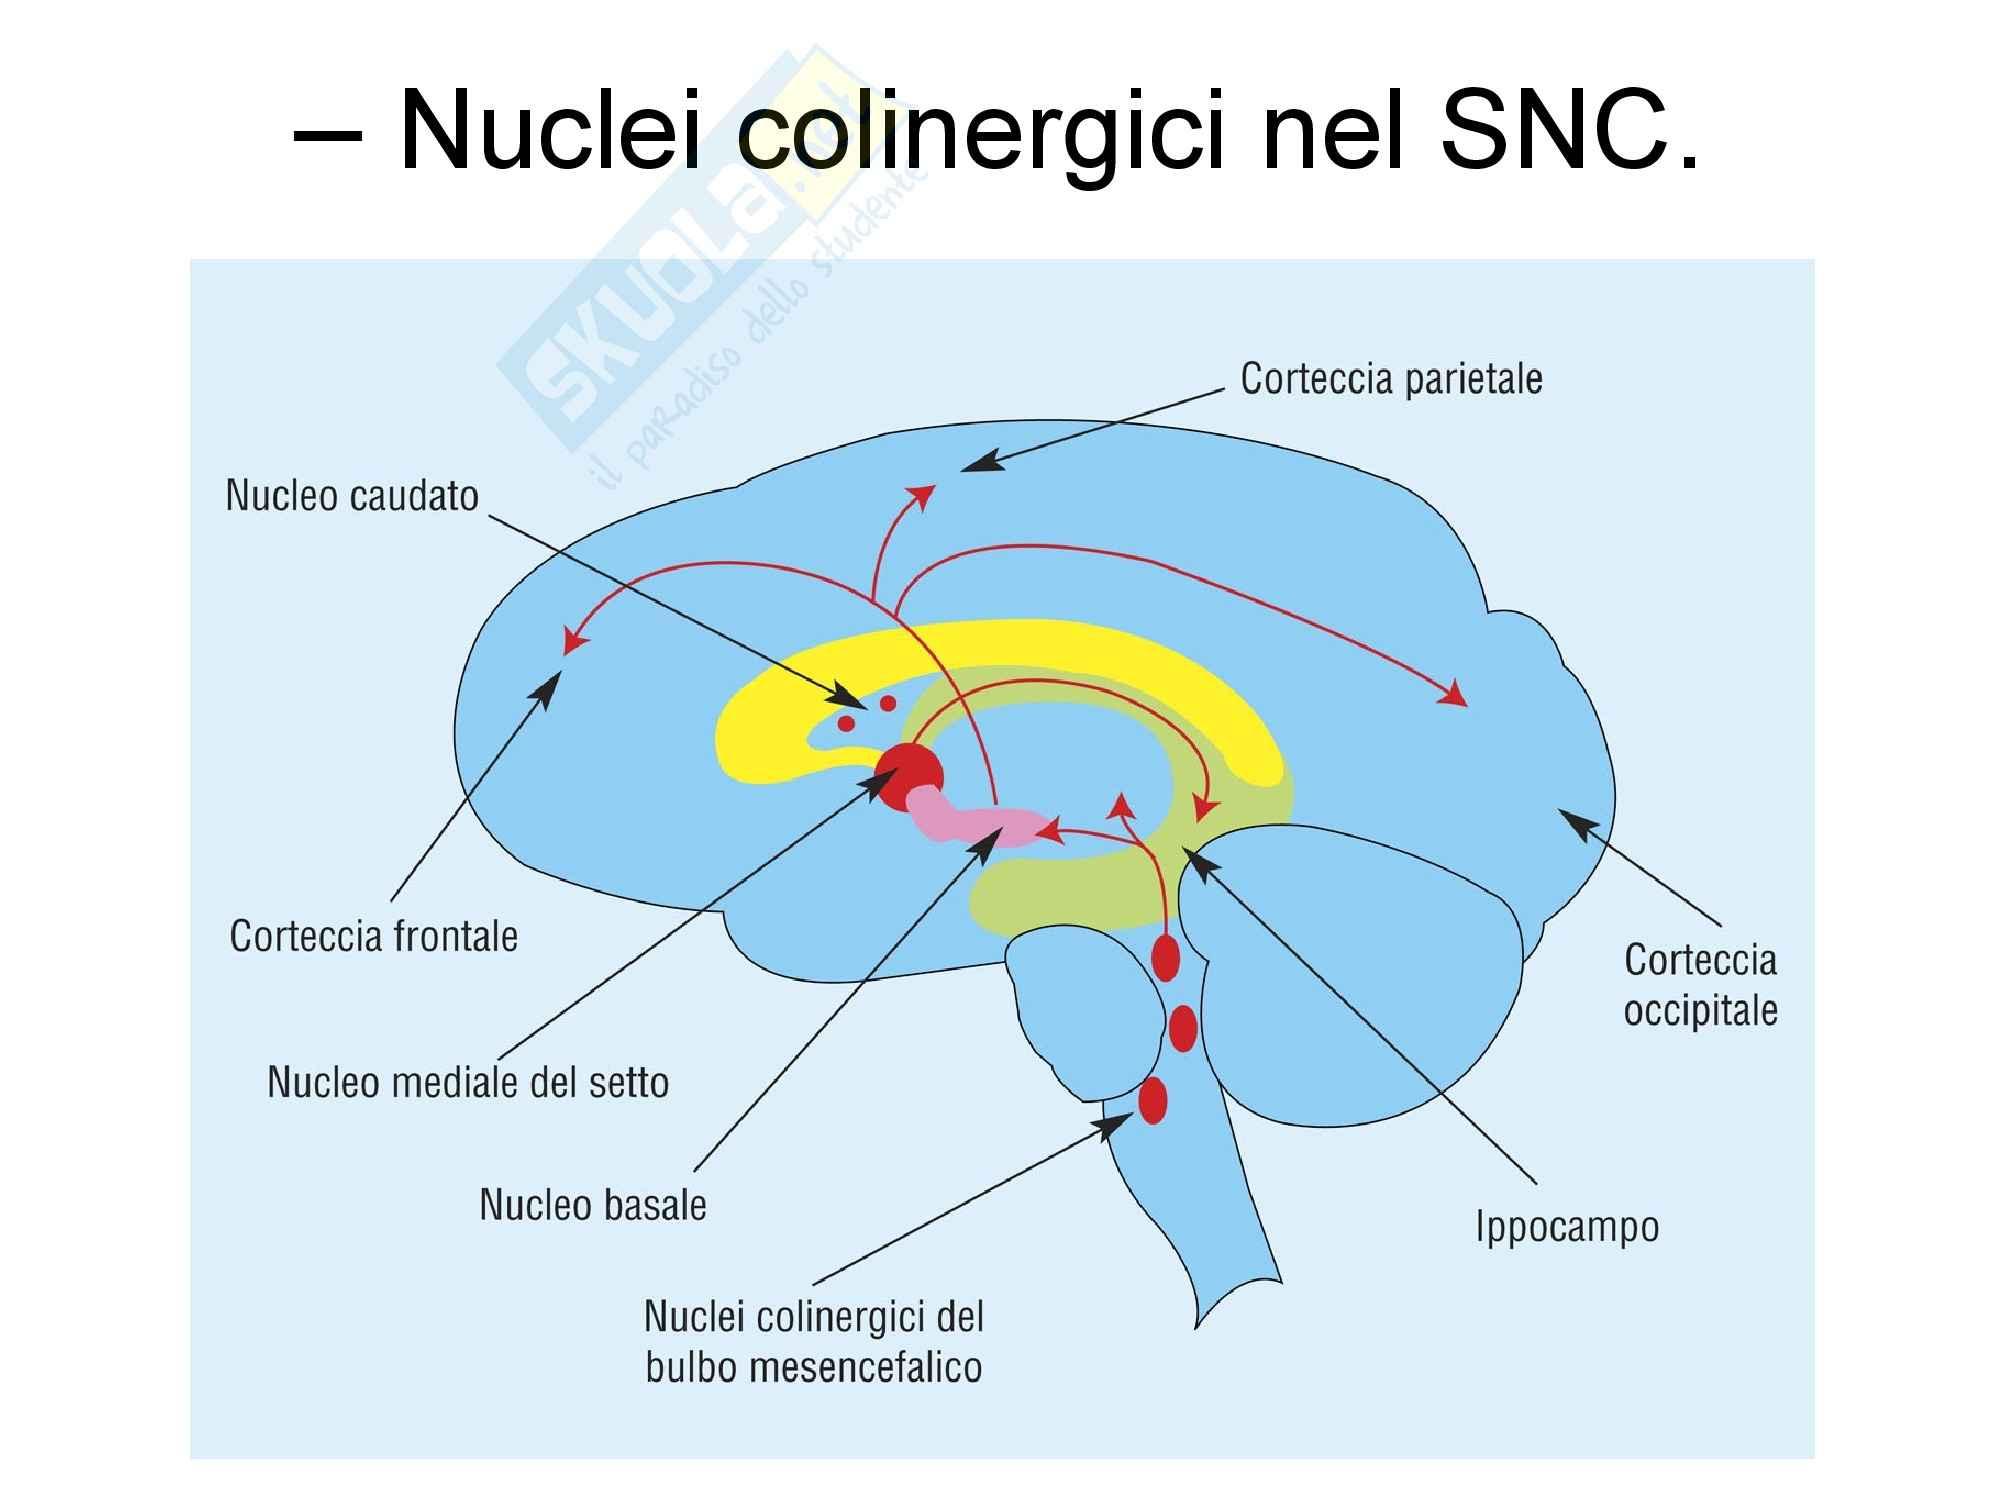 Nuclei colinergici nel SNC - farmacologia